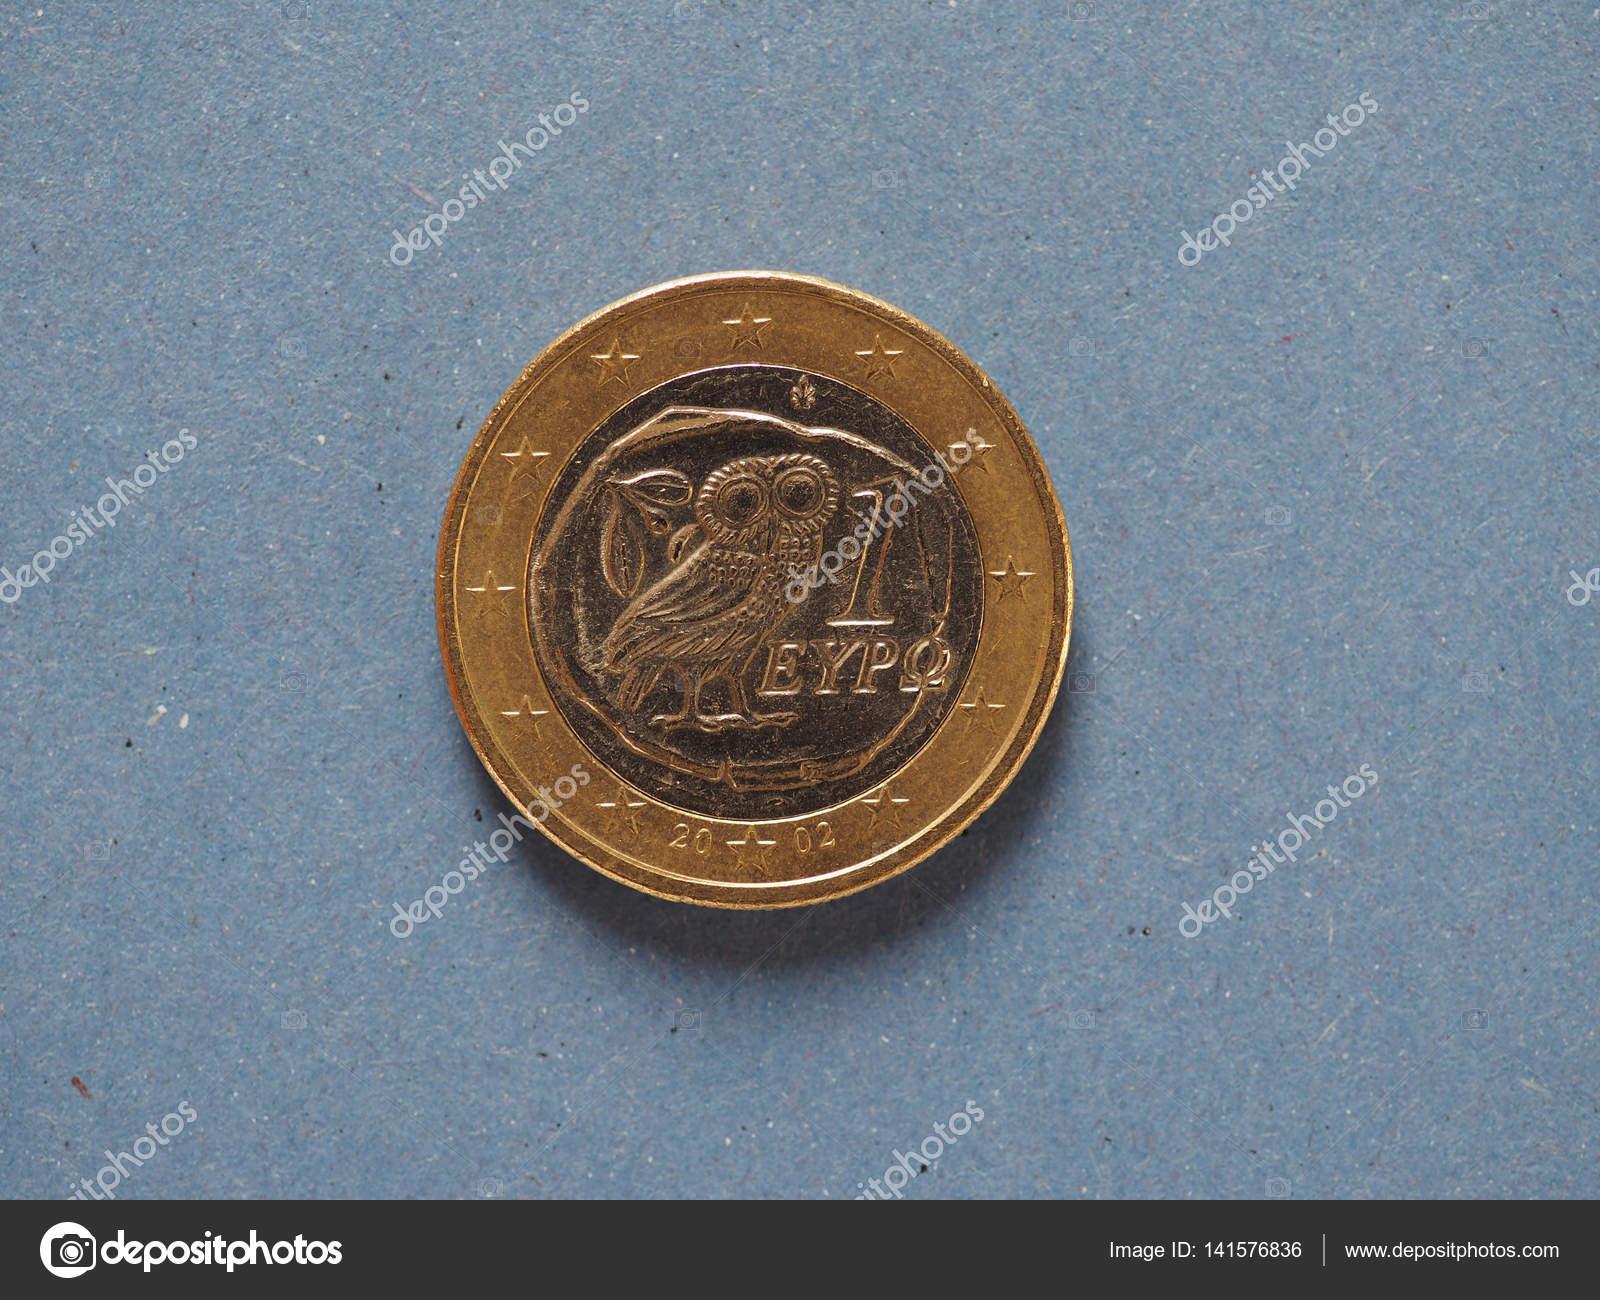 1 Euro Münze Europäische Union Griechenland über Blau Stockfoto